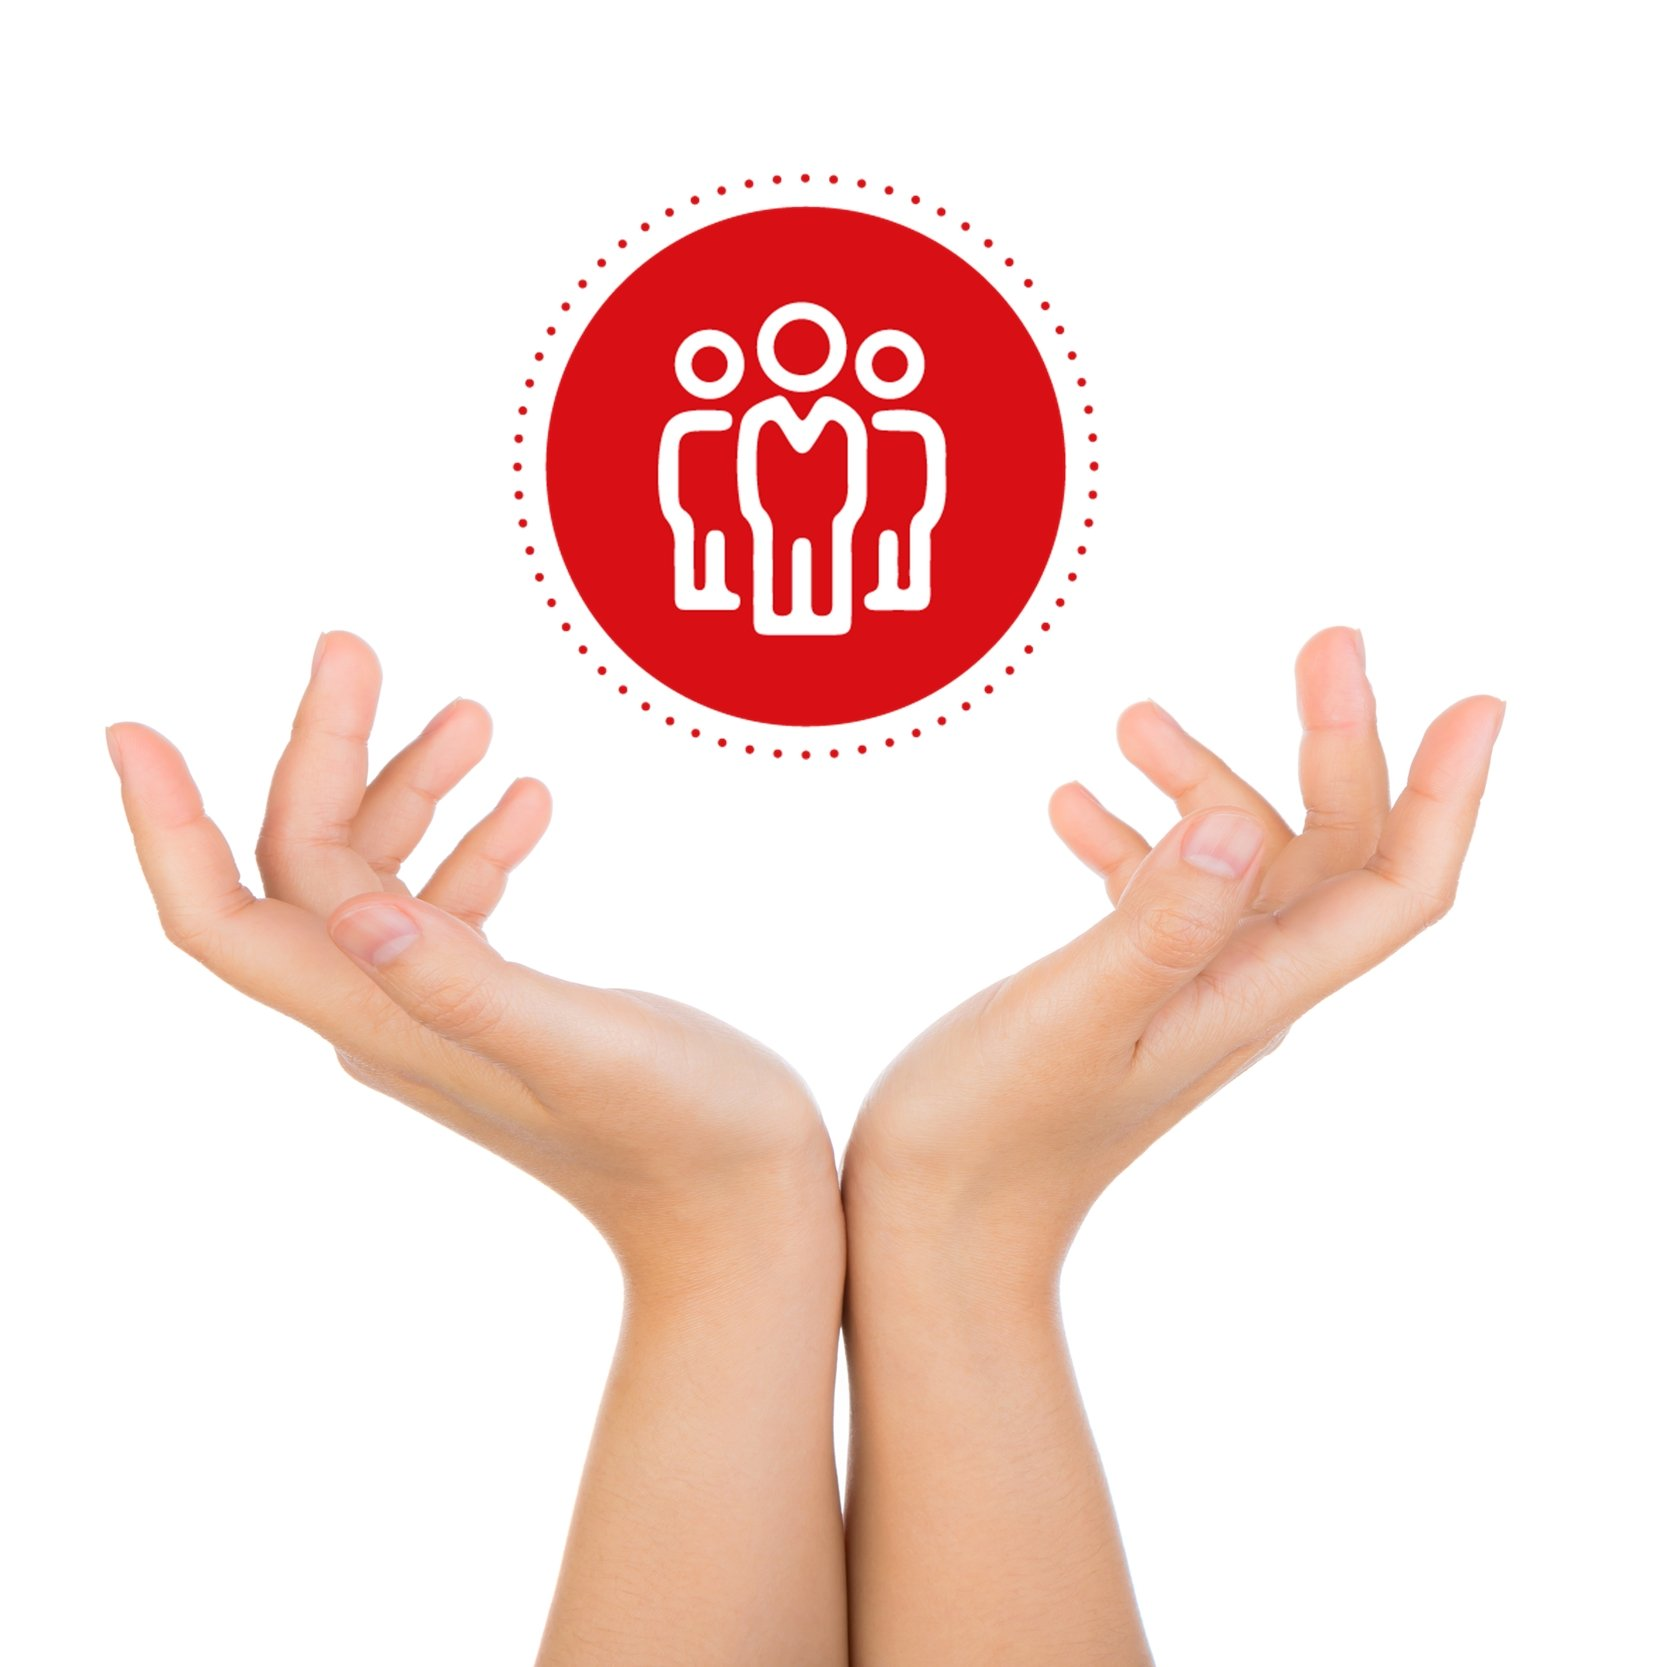 manos e icono - Diferenciadores KOM